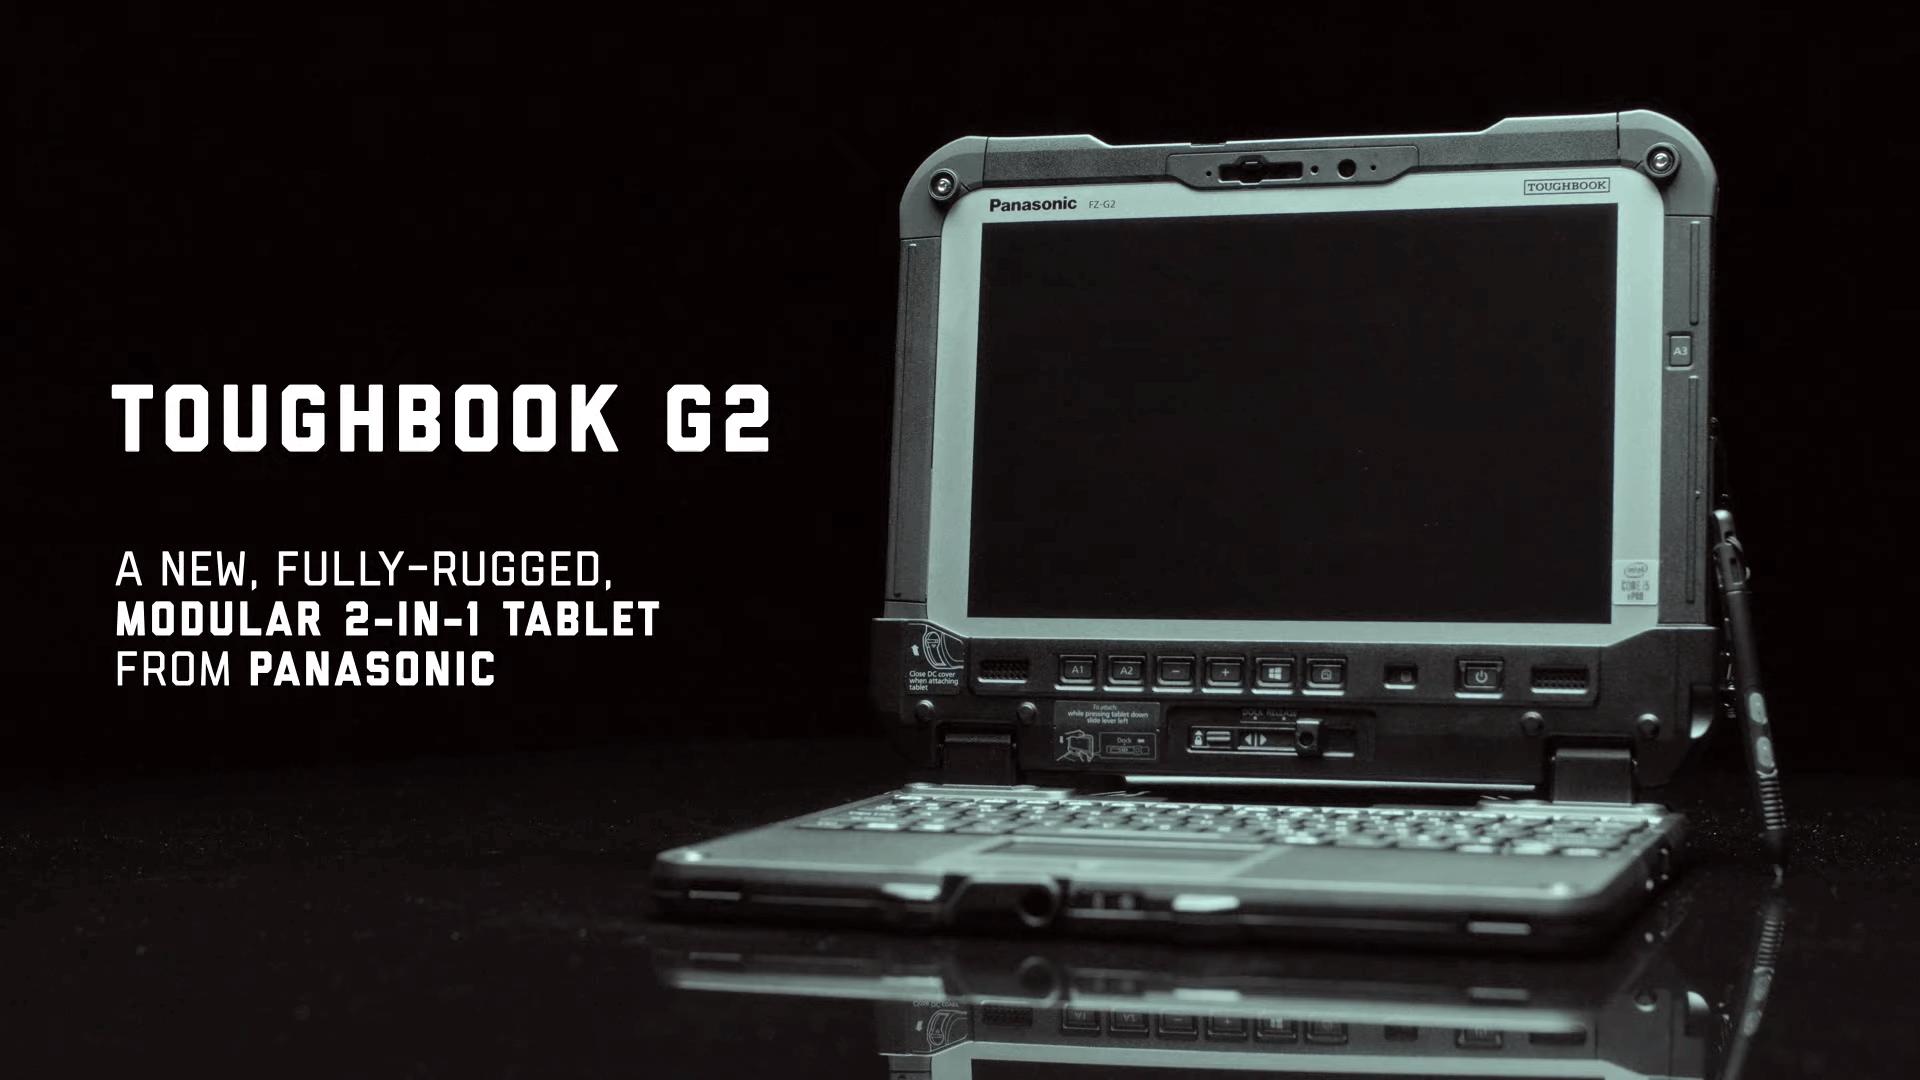 Panasonic Toughbook G2 2-в-1: защищенный планшет-ноутбук с модульными слотами расширения за $3 тысячи